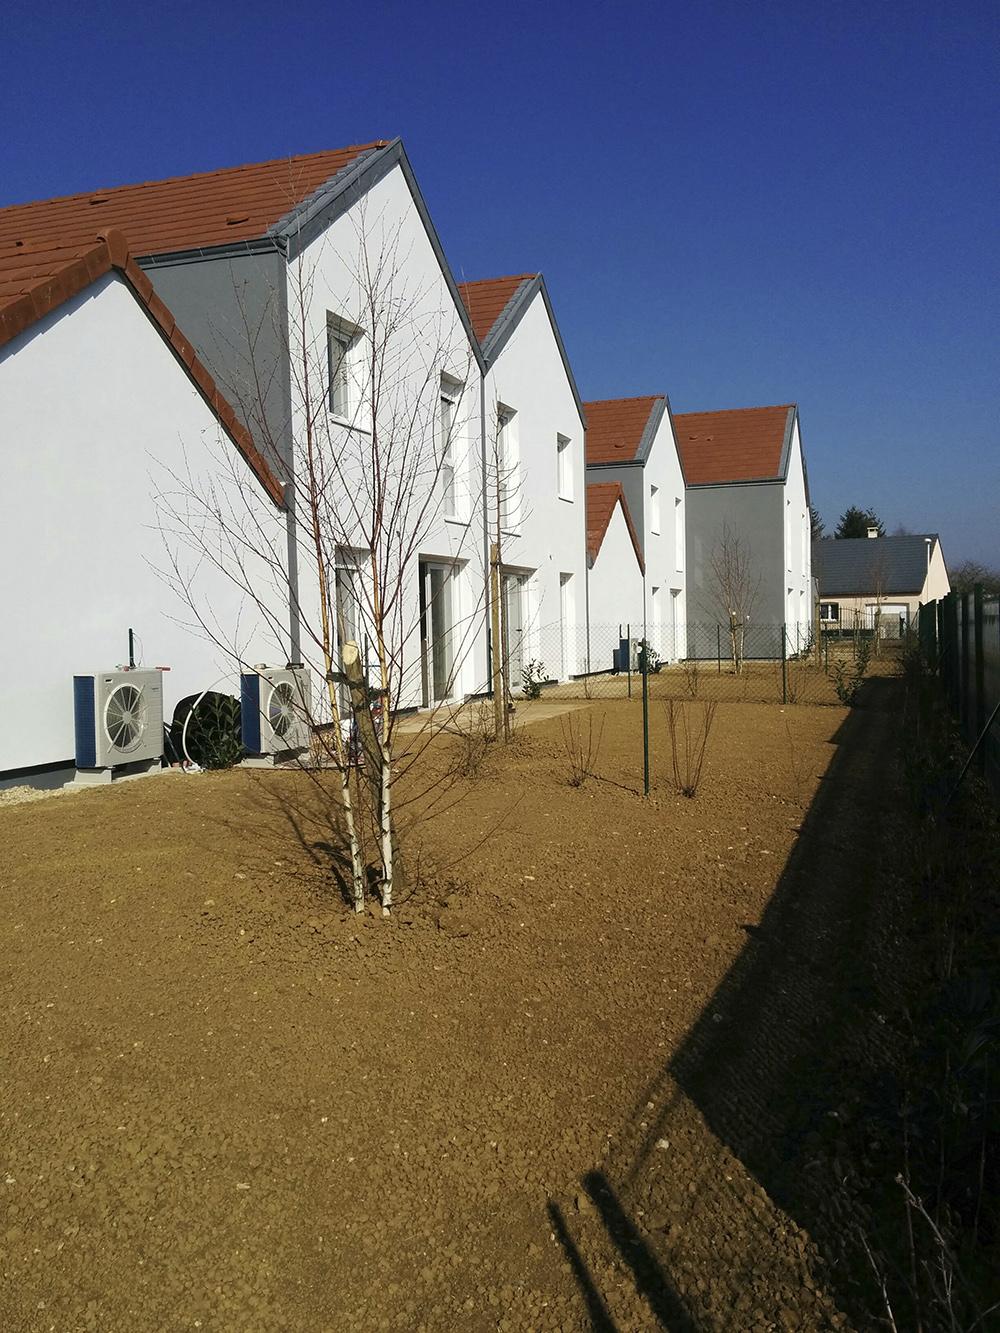 Chouette-architecture-7-logements-en-bande-Collonges-les-premières-1000-8